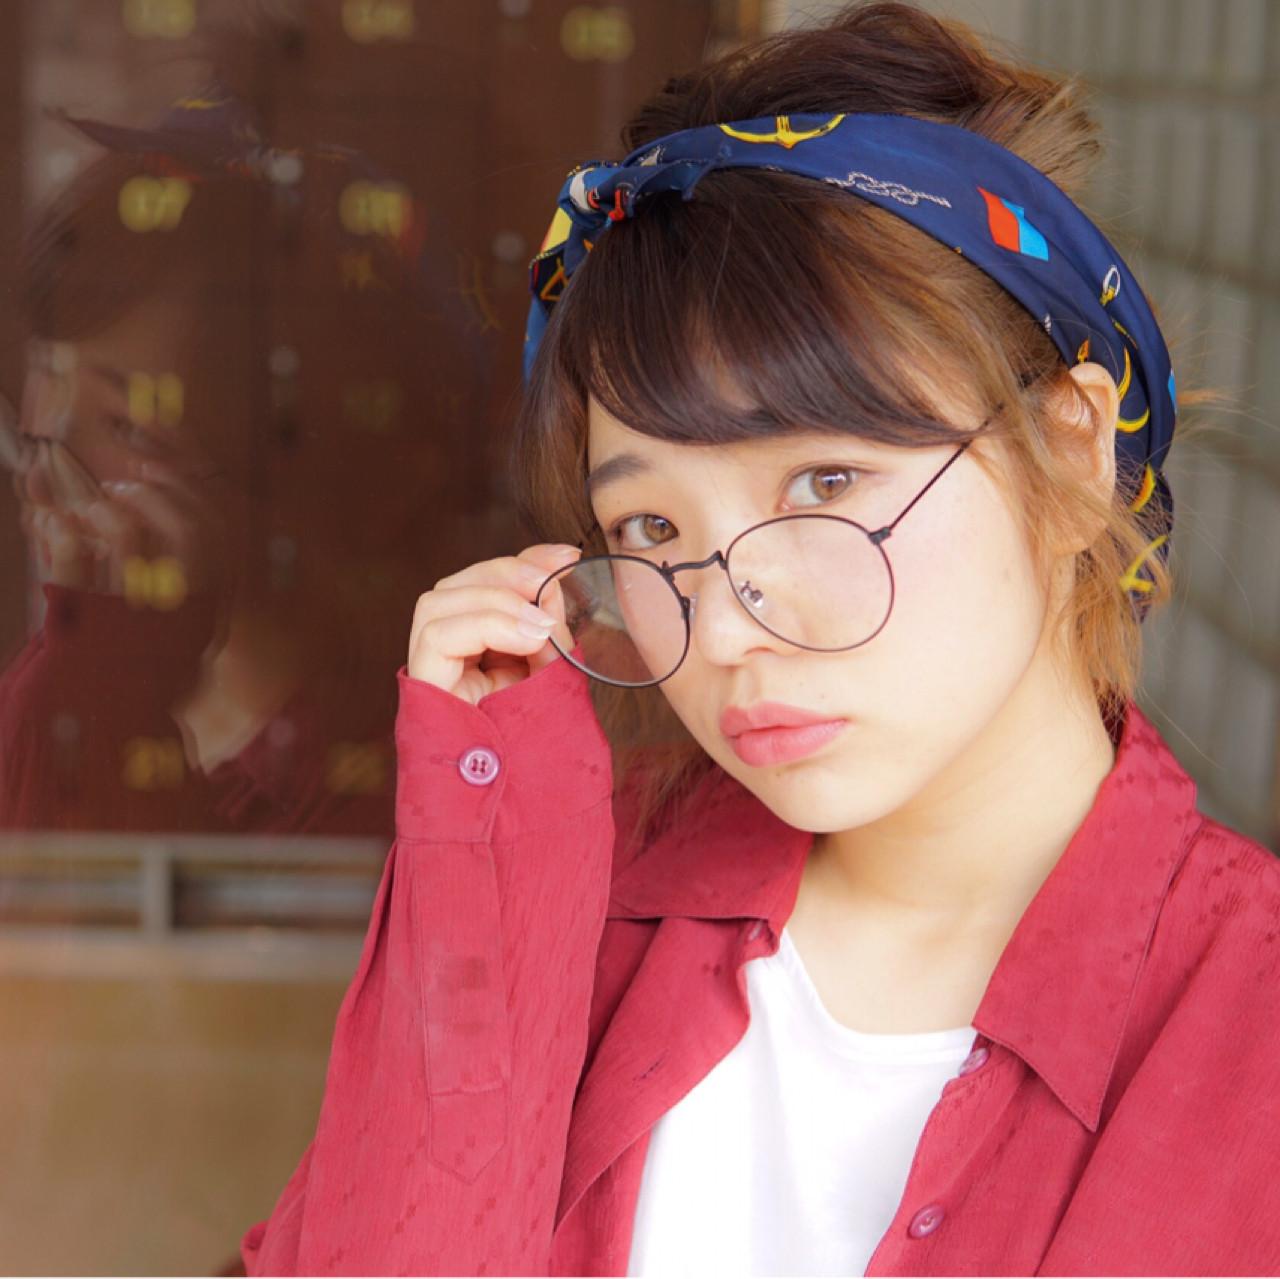 シンプルファッションにマッチ!バンダナを使ったおすすめヘアアレンジ 香西宏美(べいびい)